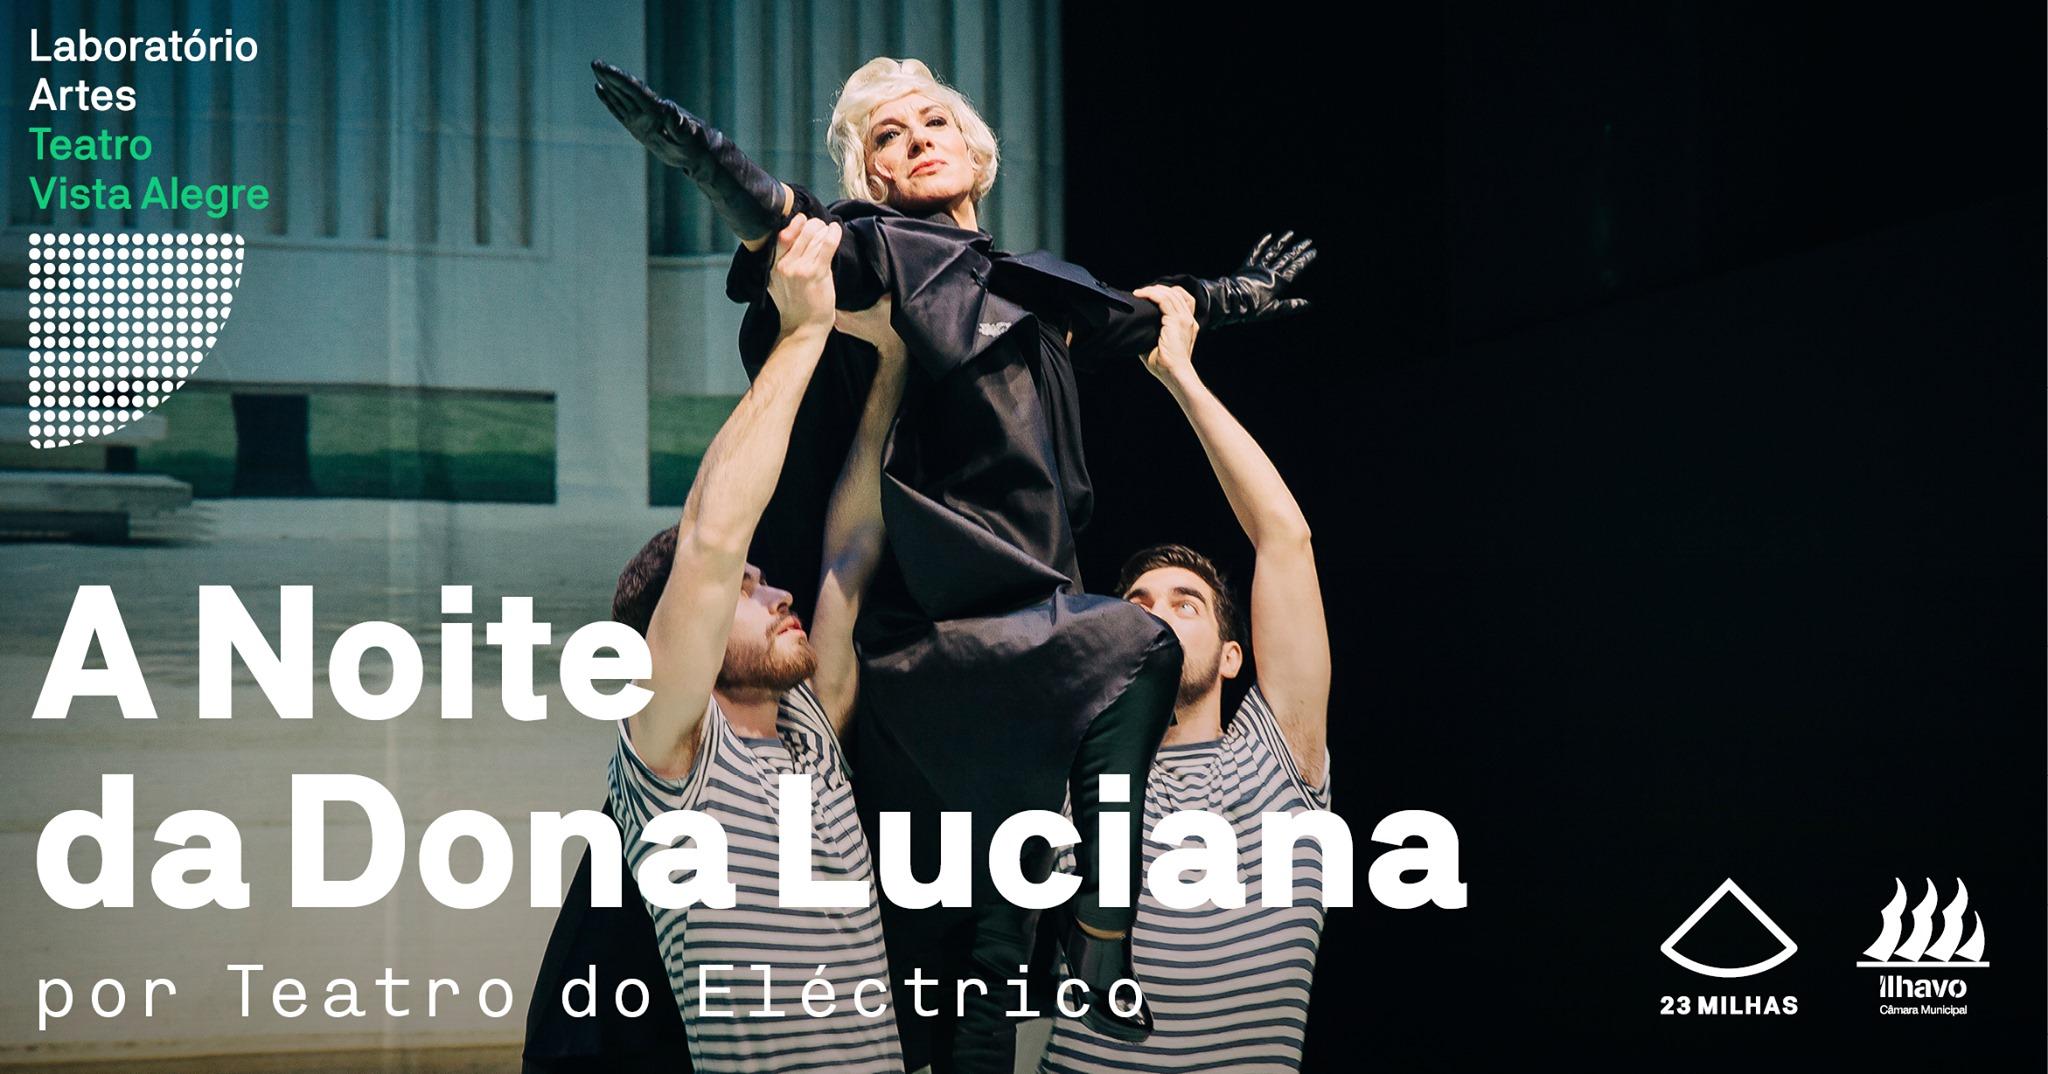 A Noite da Dona Luciana de Ricardo Neves-Neves